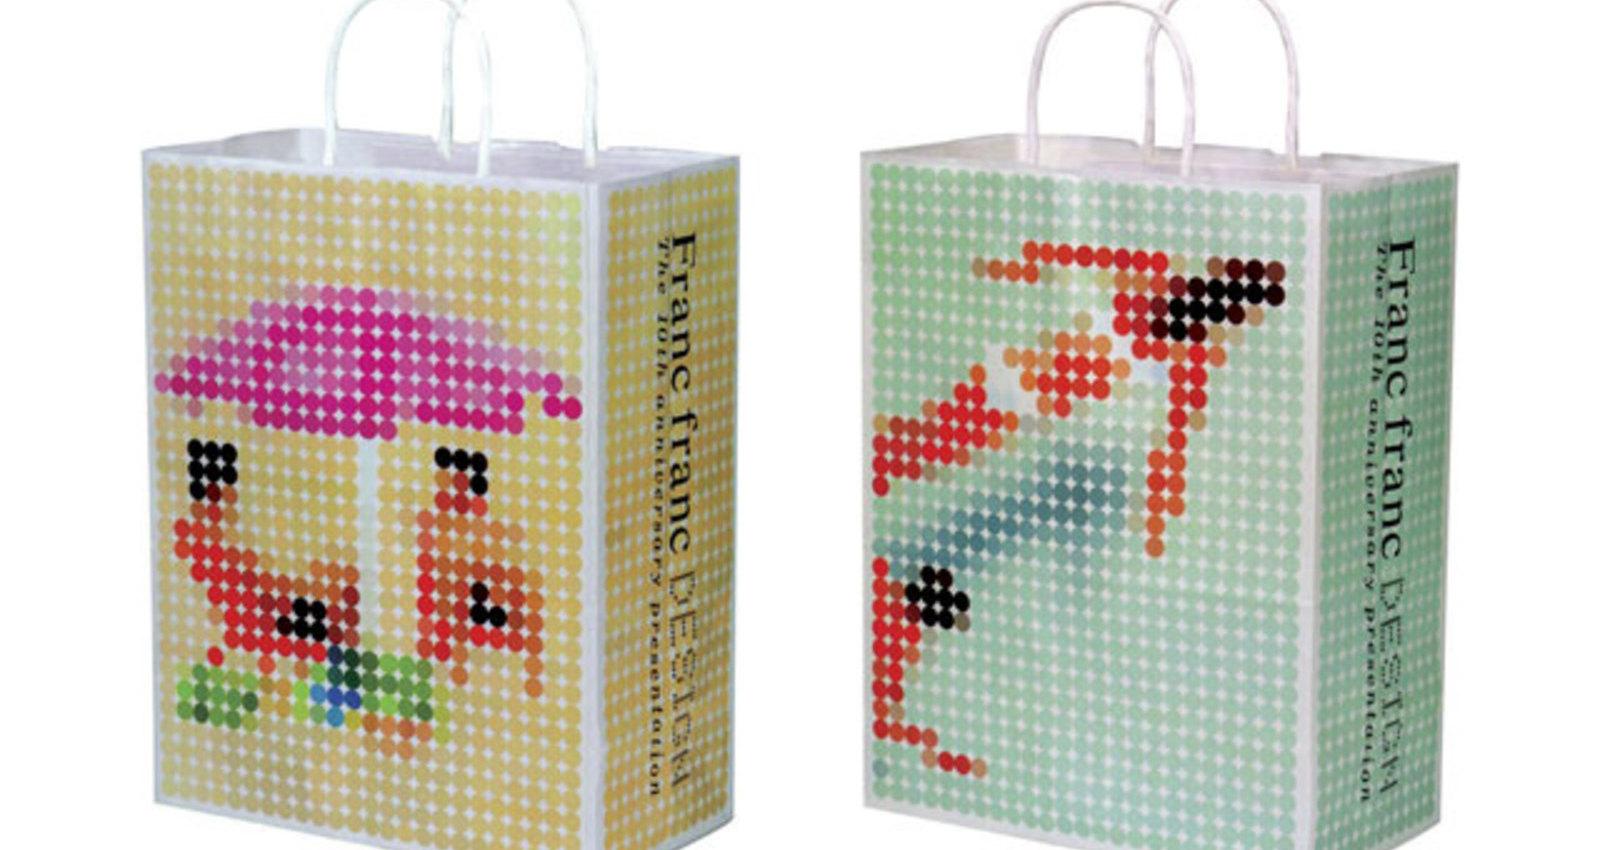 Paper Bag-1, Paper Bag-2, Paper Bag-3